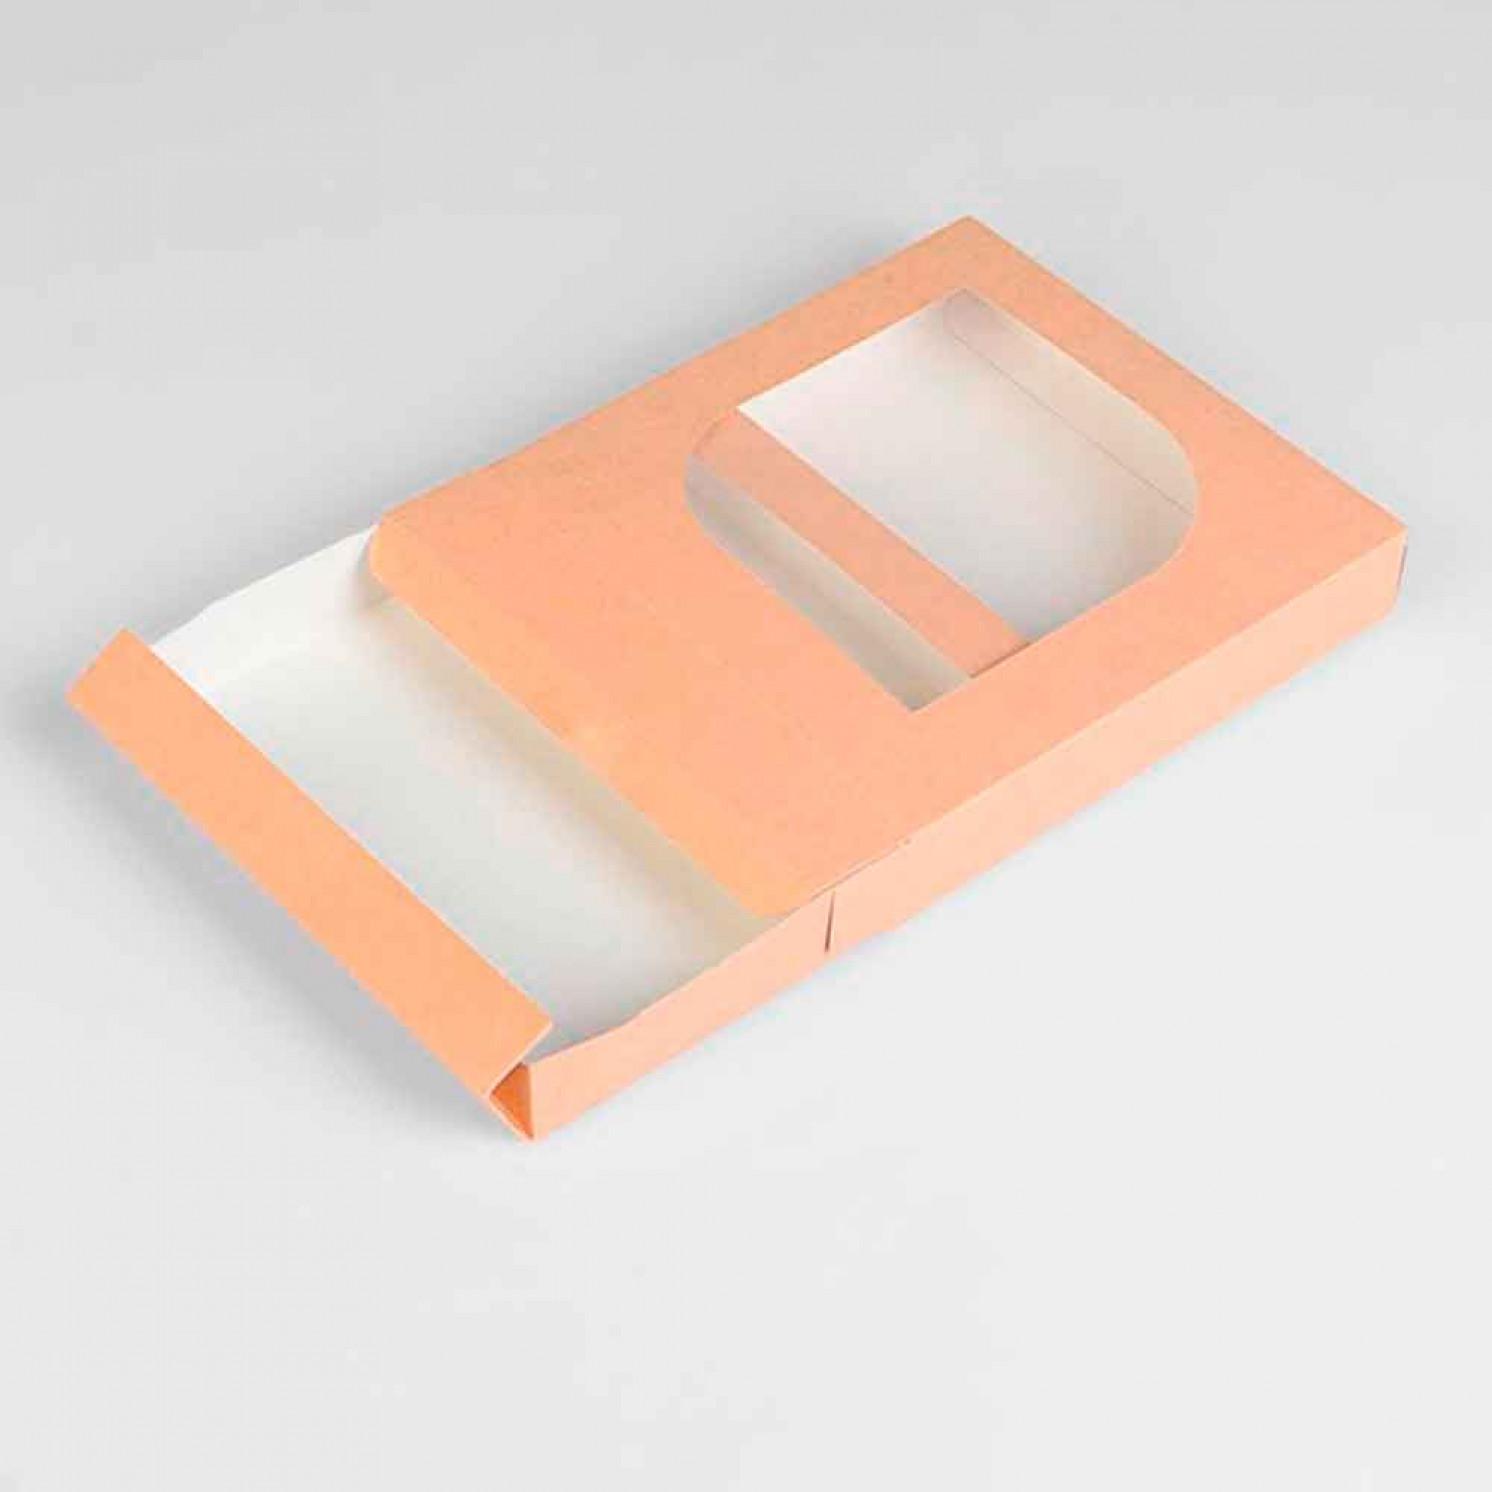 Кондитерская упаковка под зефир 20 х 19 х 3,5 см